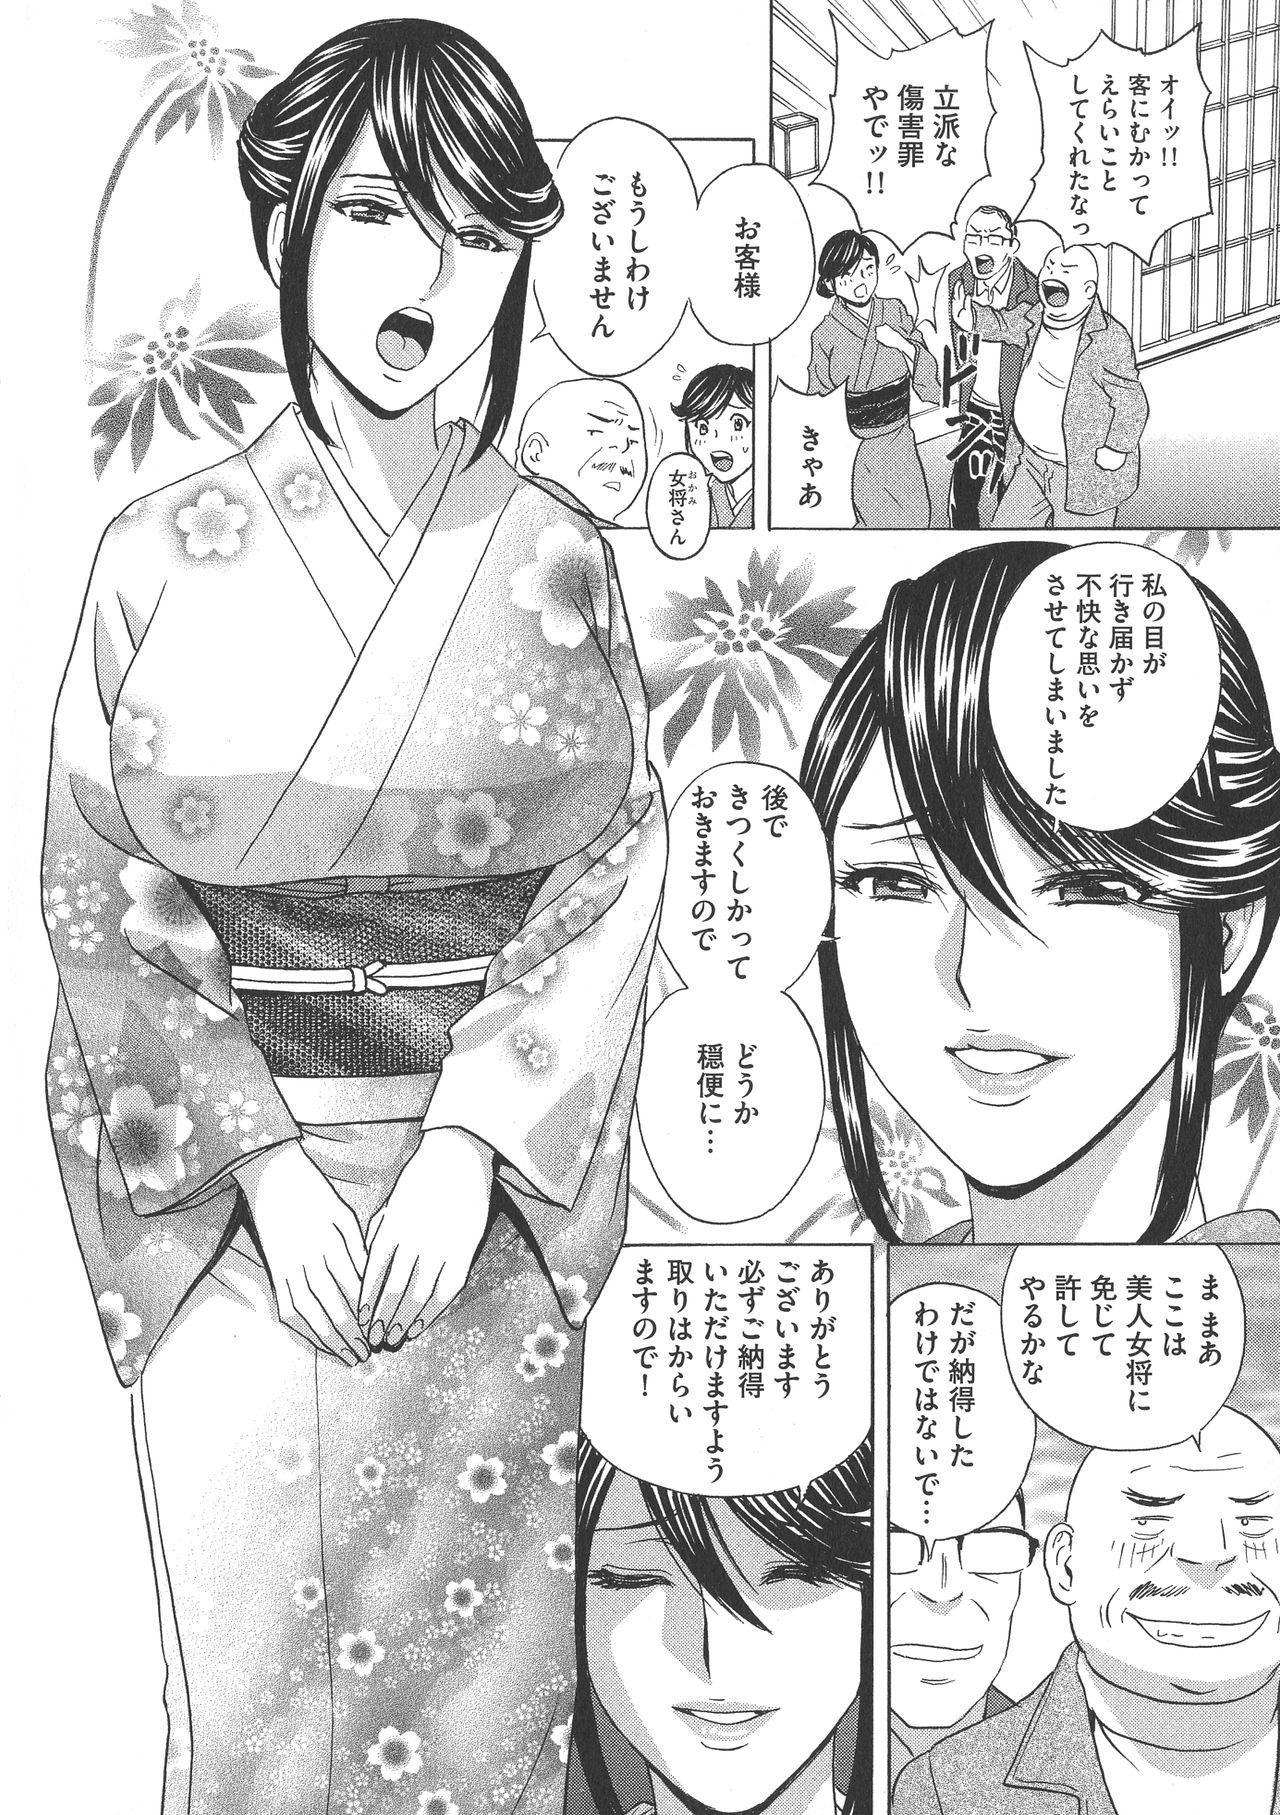 Chijoku ni Modaeru Haha no Chichi… 7